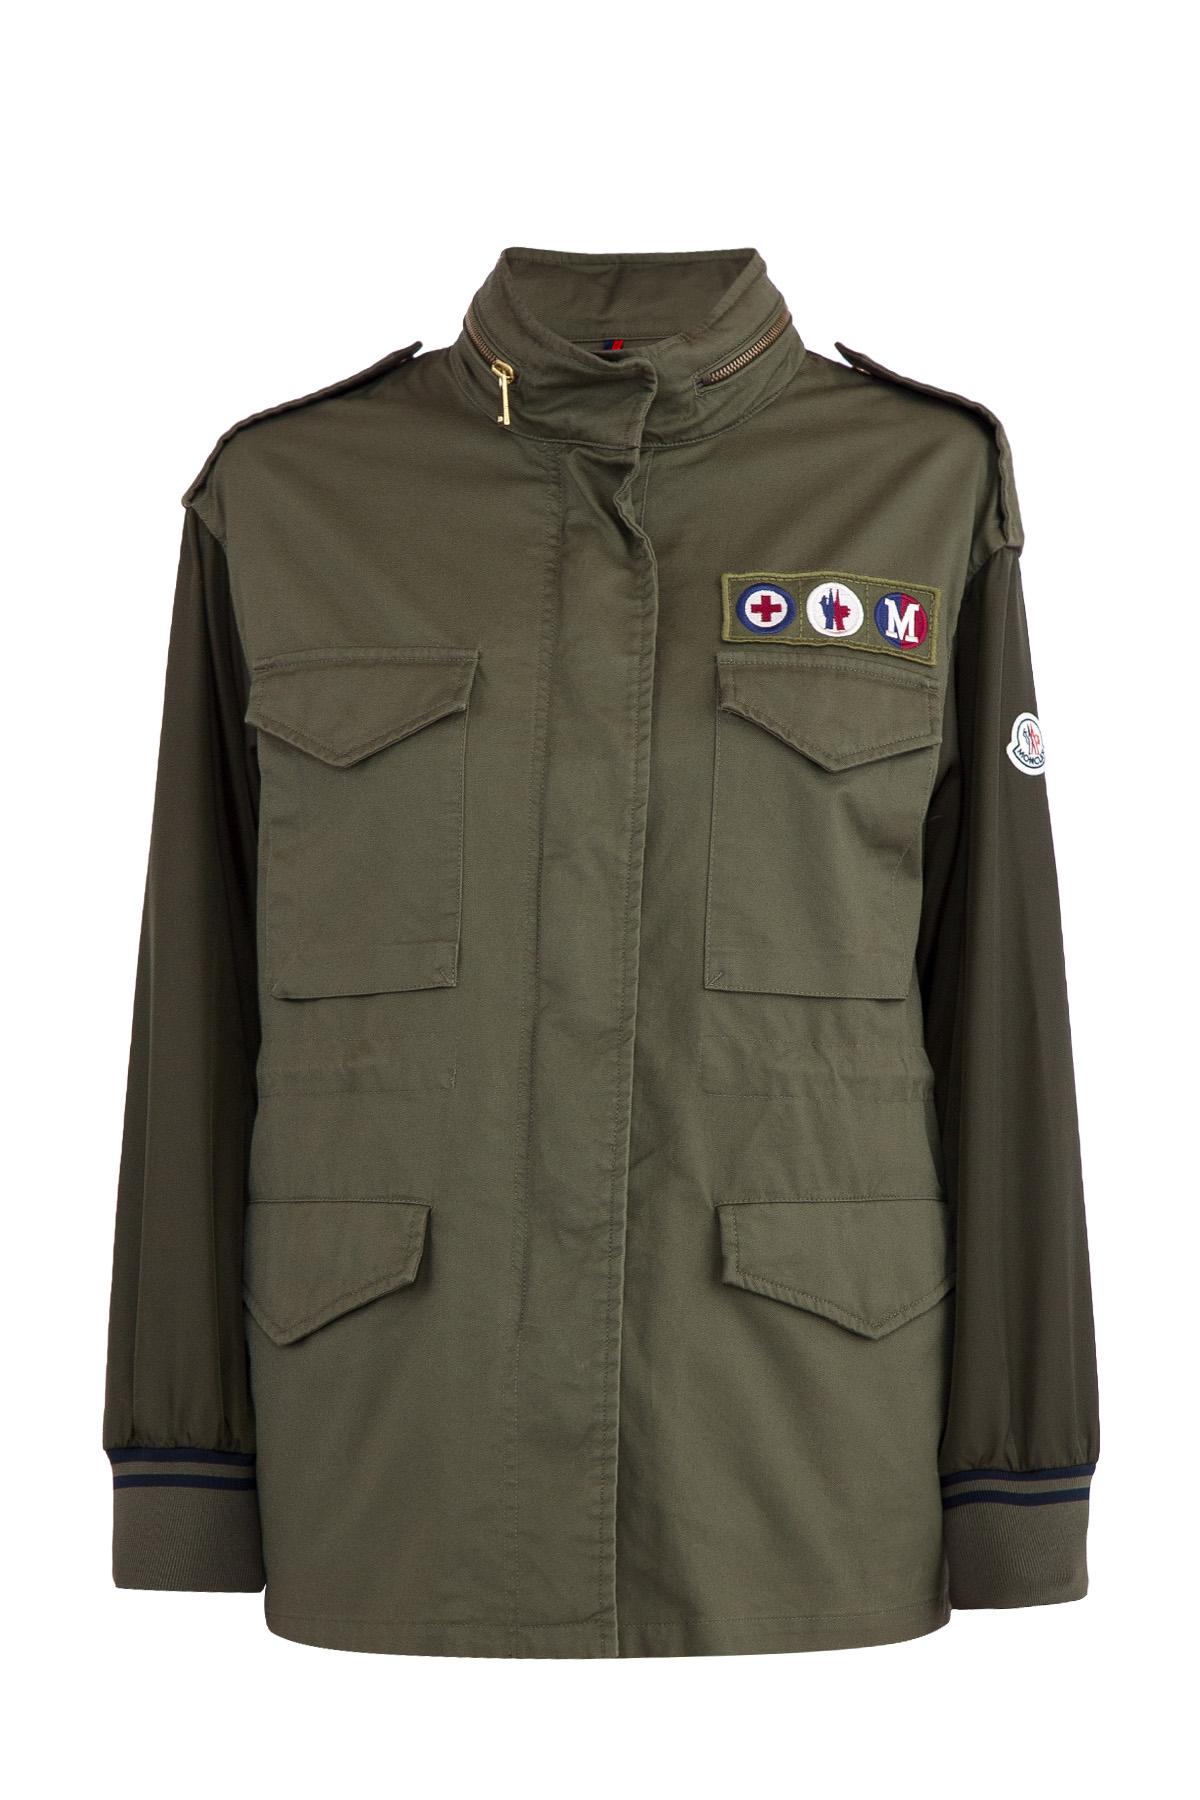 Купить Куртка, MONCLER, Италия, хлопок 100%